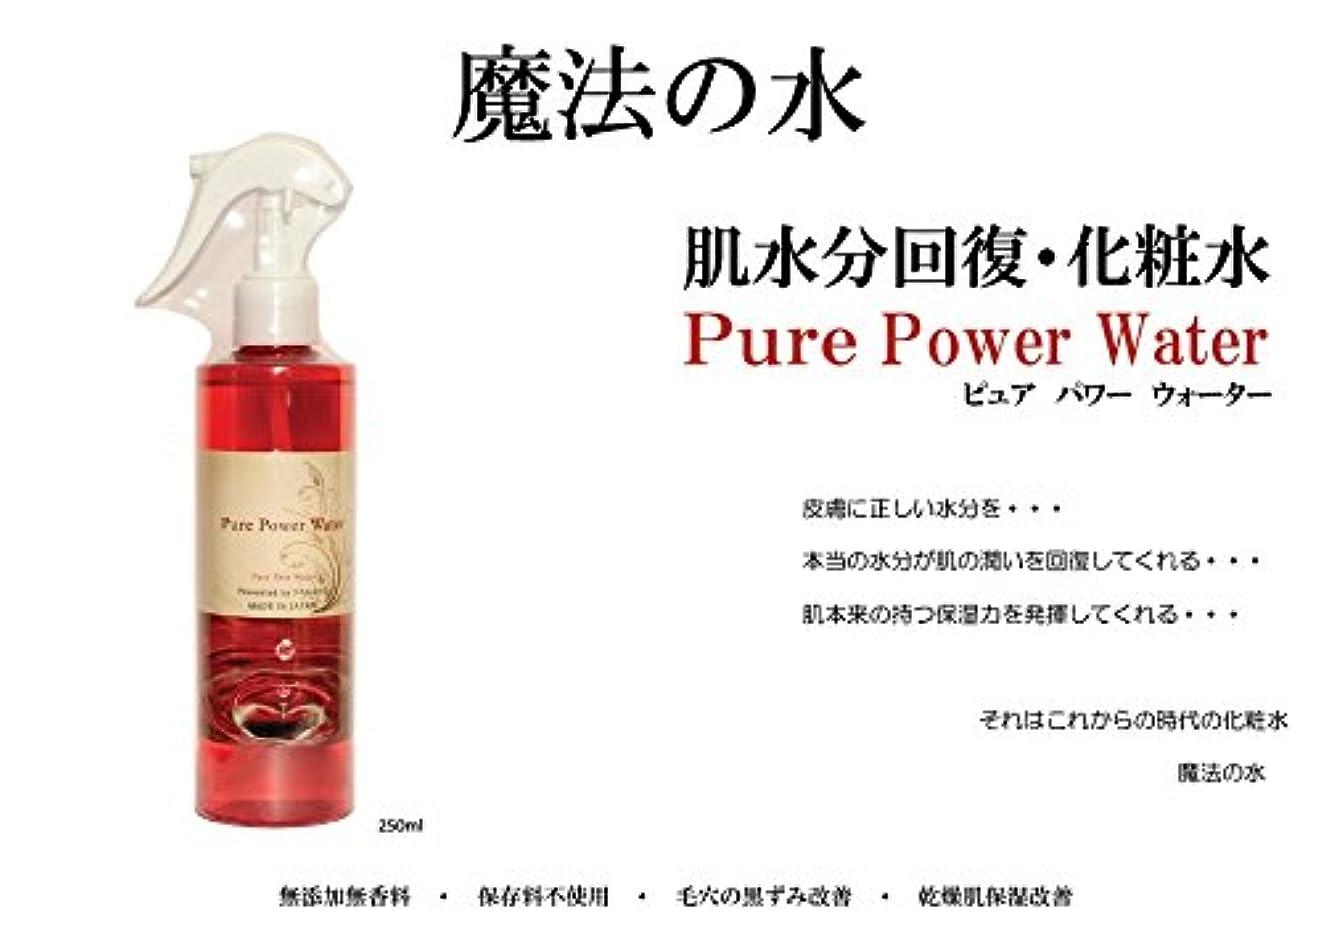 寛解ラジウム修道院基礎化粧水 Pure Power Water 化粧水 マイナスイオン ブースター 魔法の化粧水